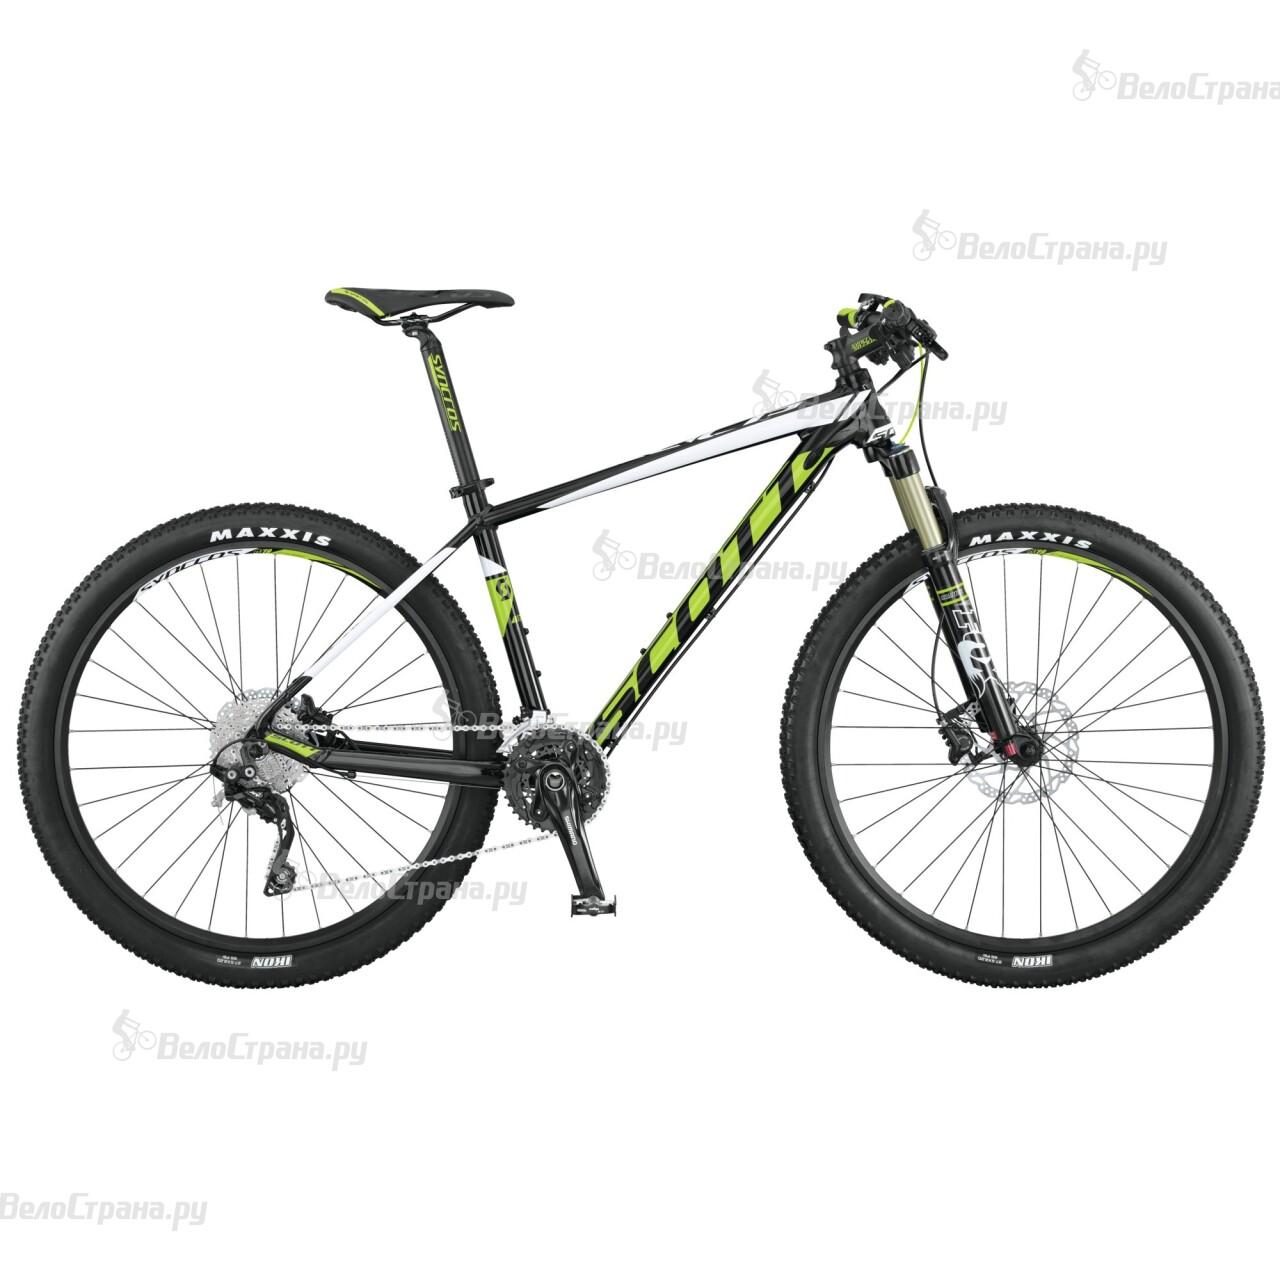 Велосипед Scott Scale 750 (2015) велосипед scott scale 935 2015